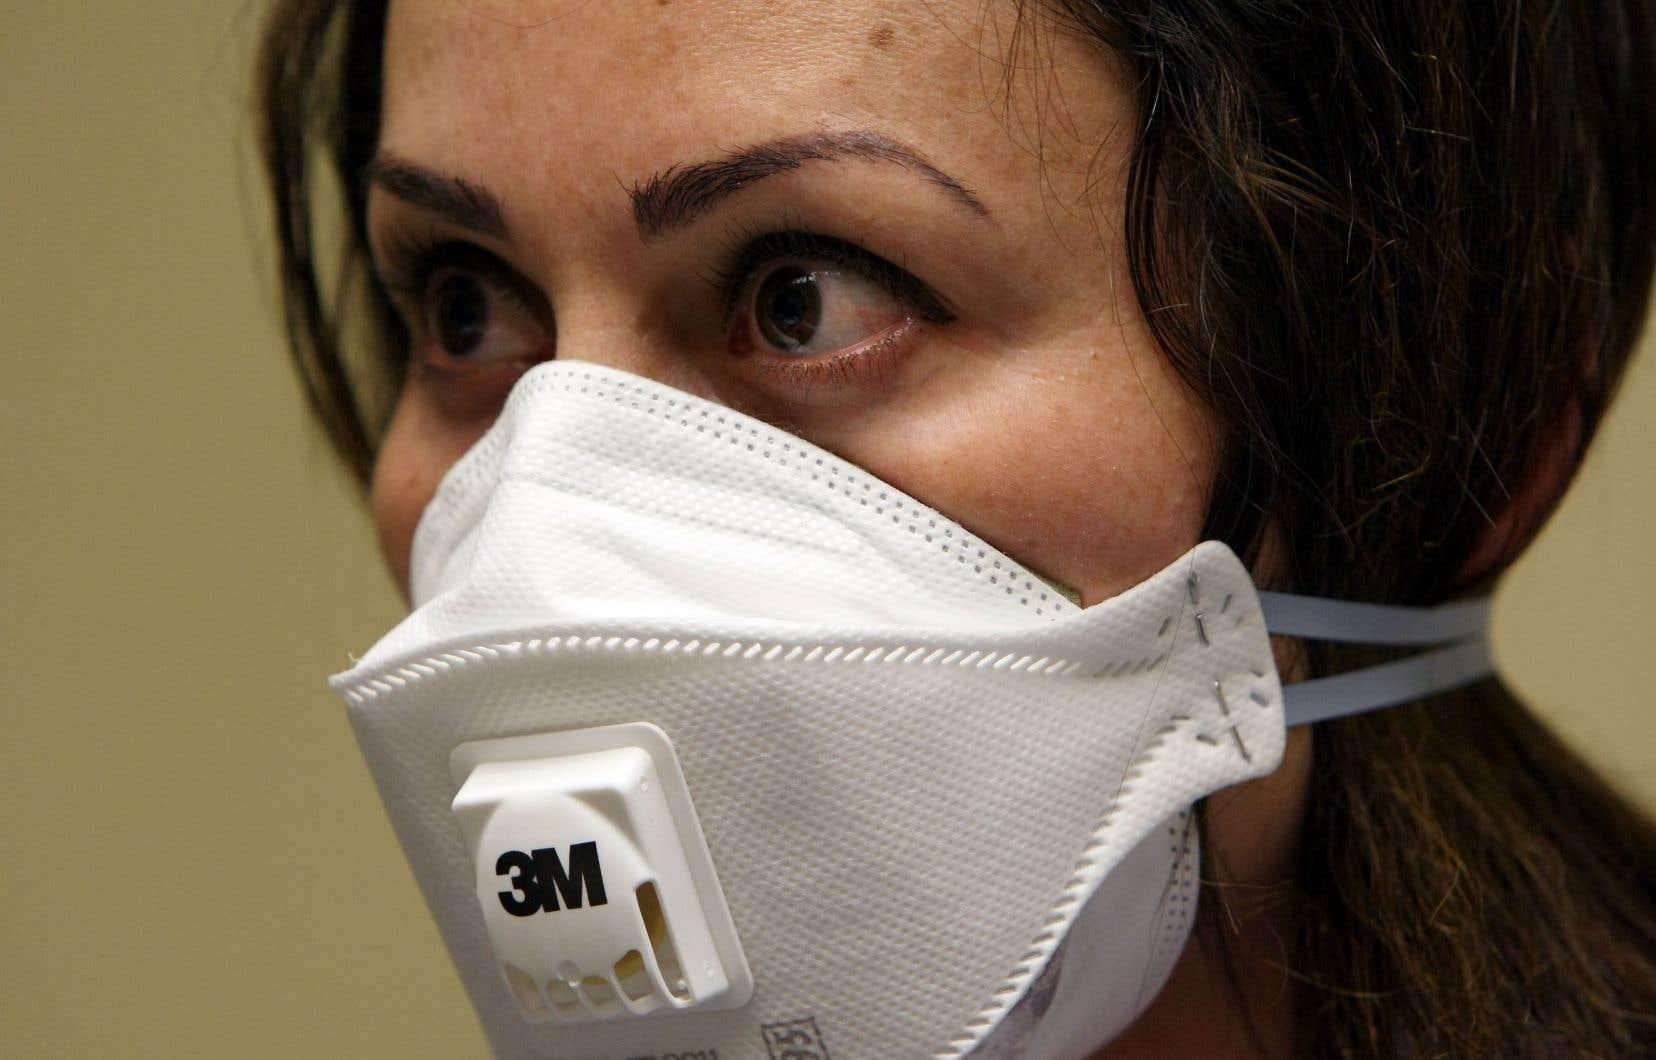 Les masques N95 sont couramment utilisés par le personnel soignant pour éviter d'attraper des maladies qui se transmettent par goutelettes, comme la COVID-19.